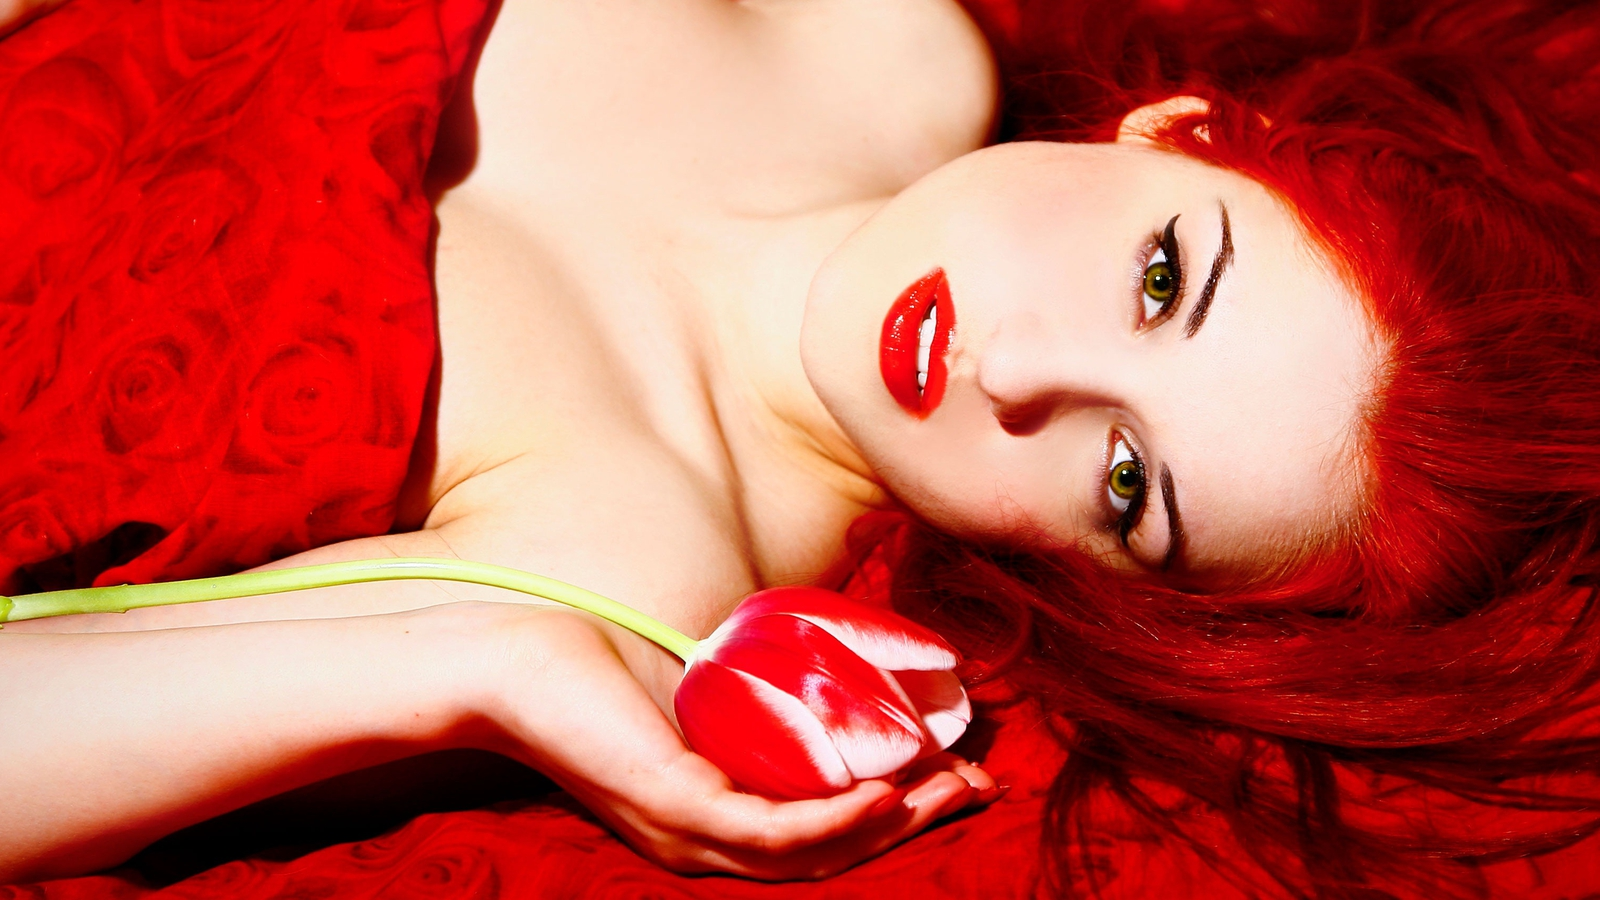 Фото страстные рыжих девушек